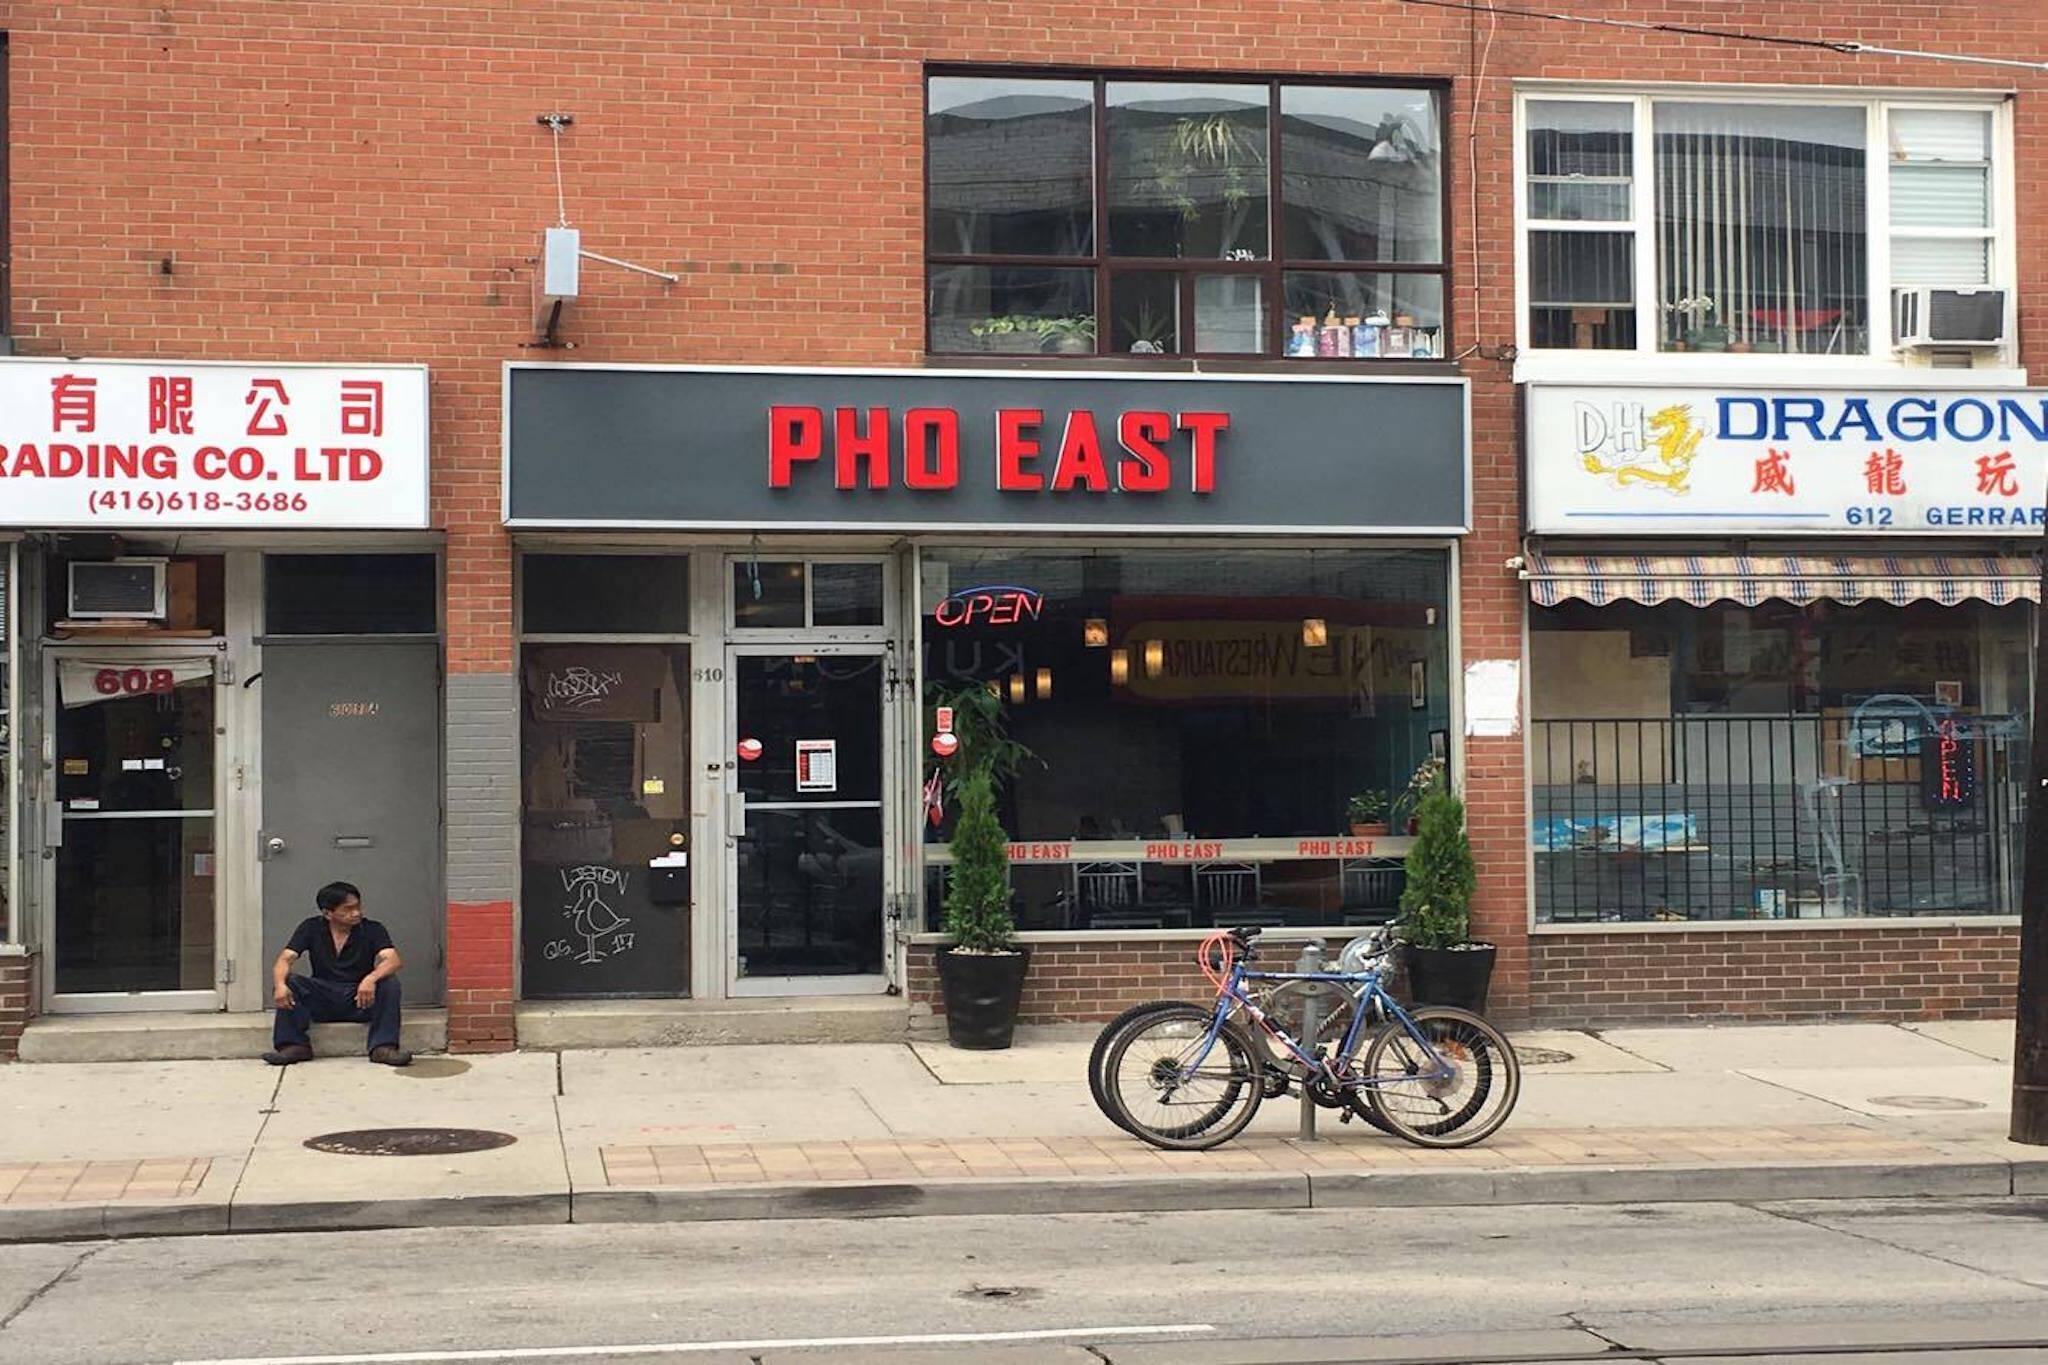 Pho East Toronto